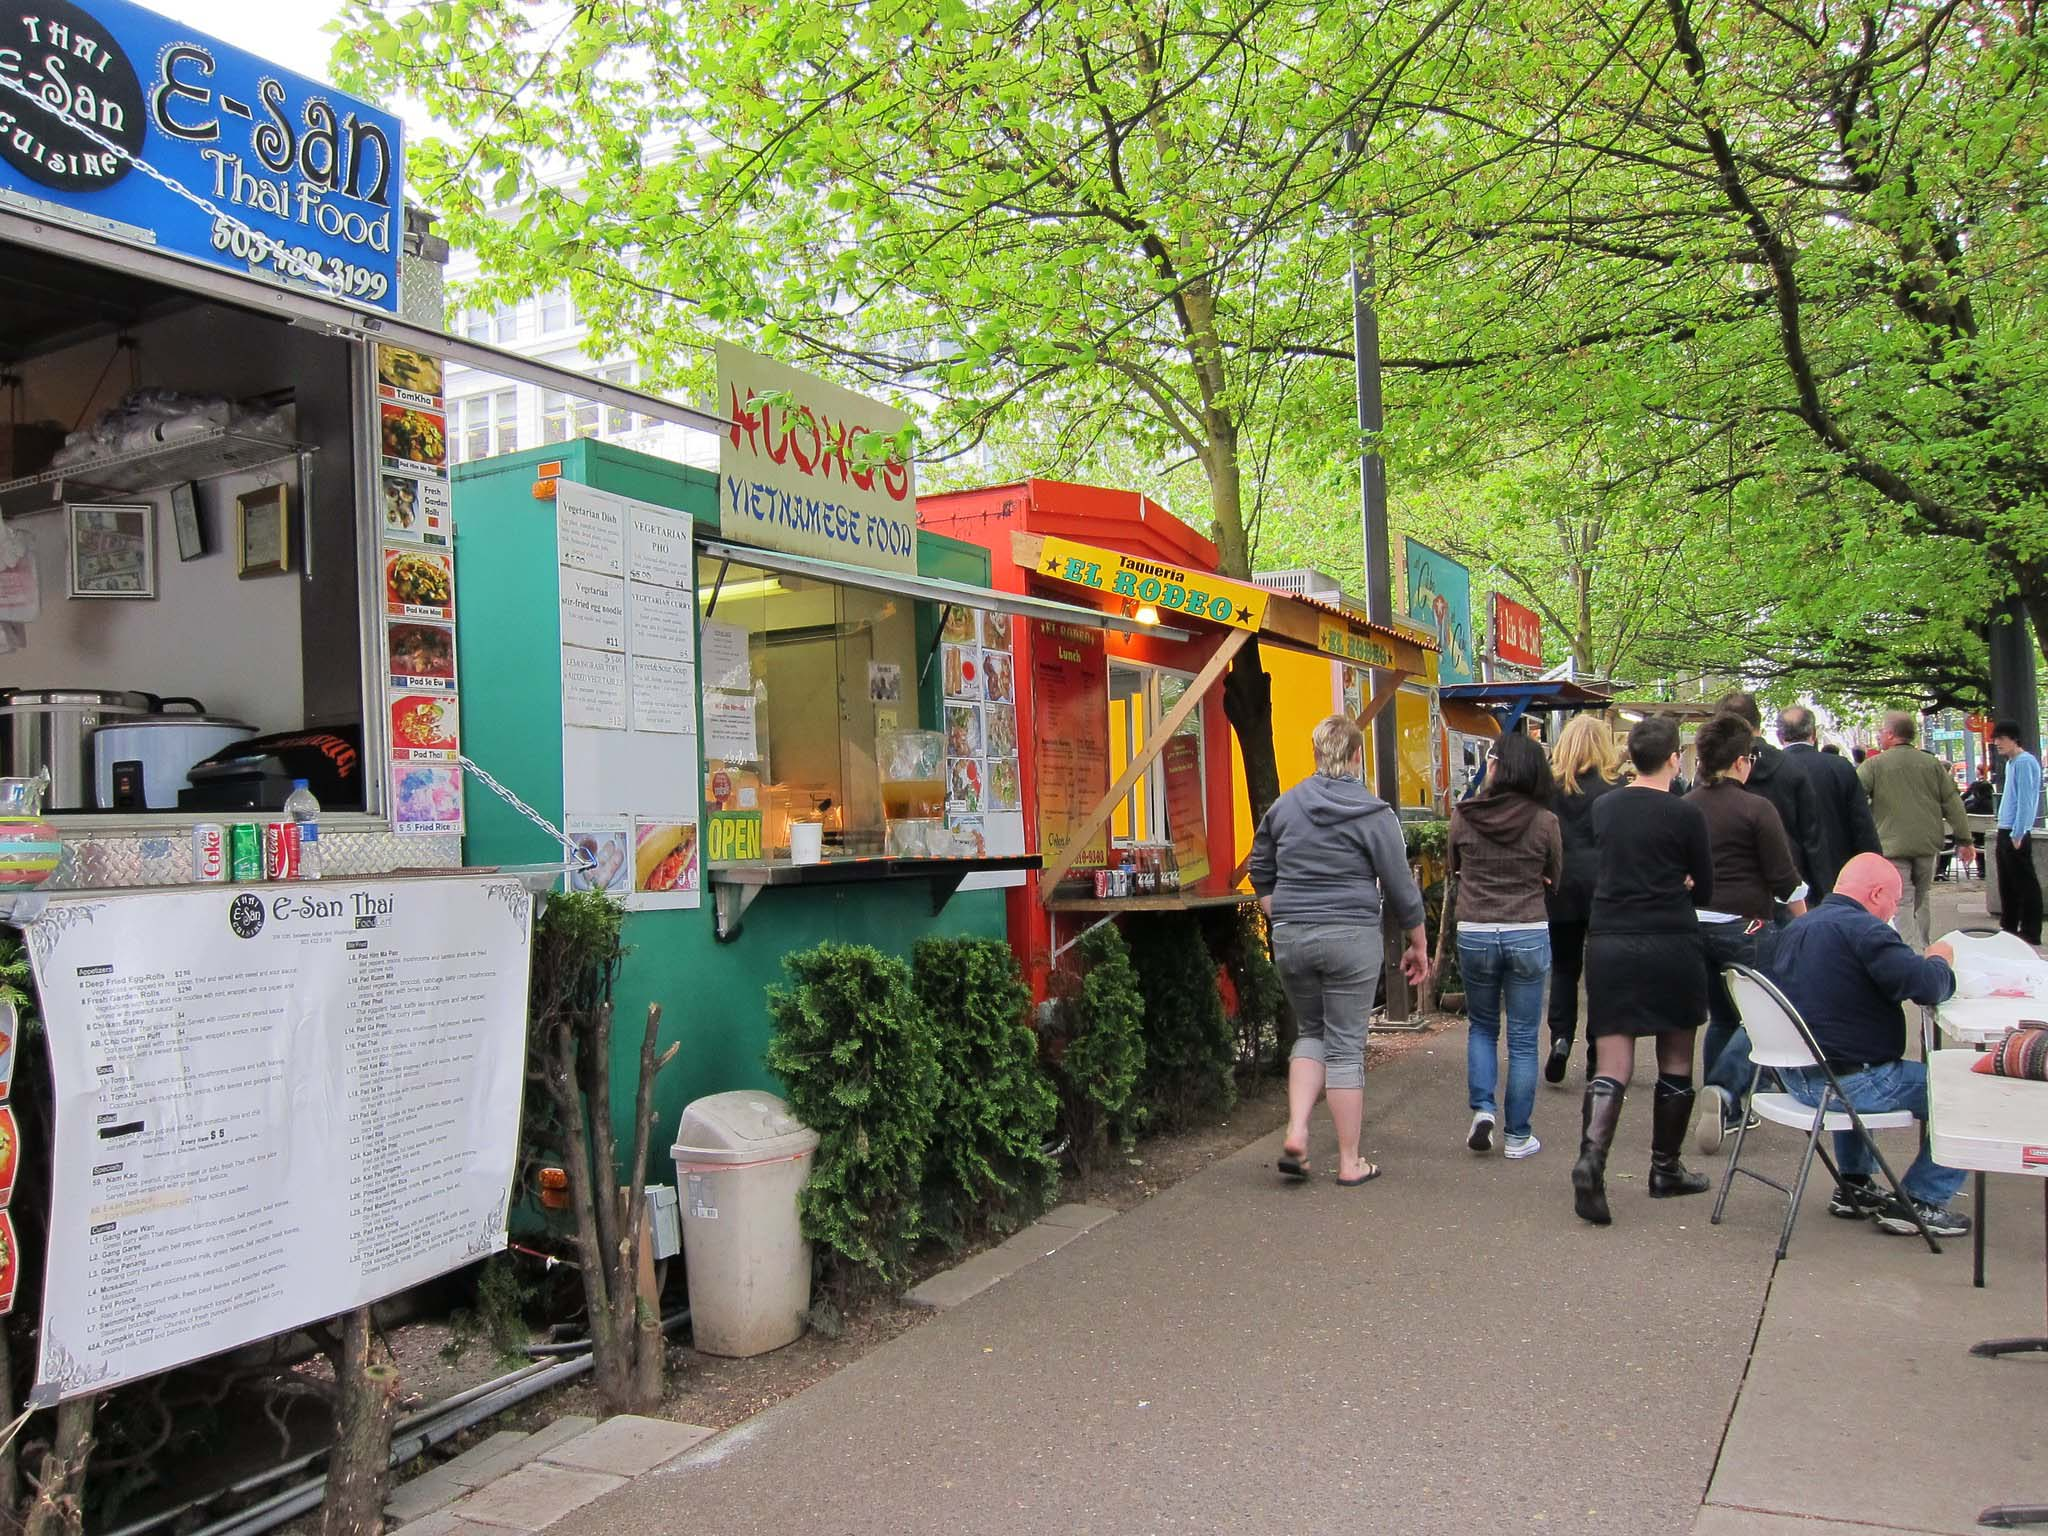 Food trucks line a sidewalk in Portland, Oregon.